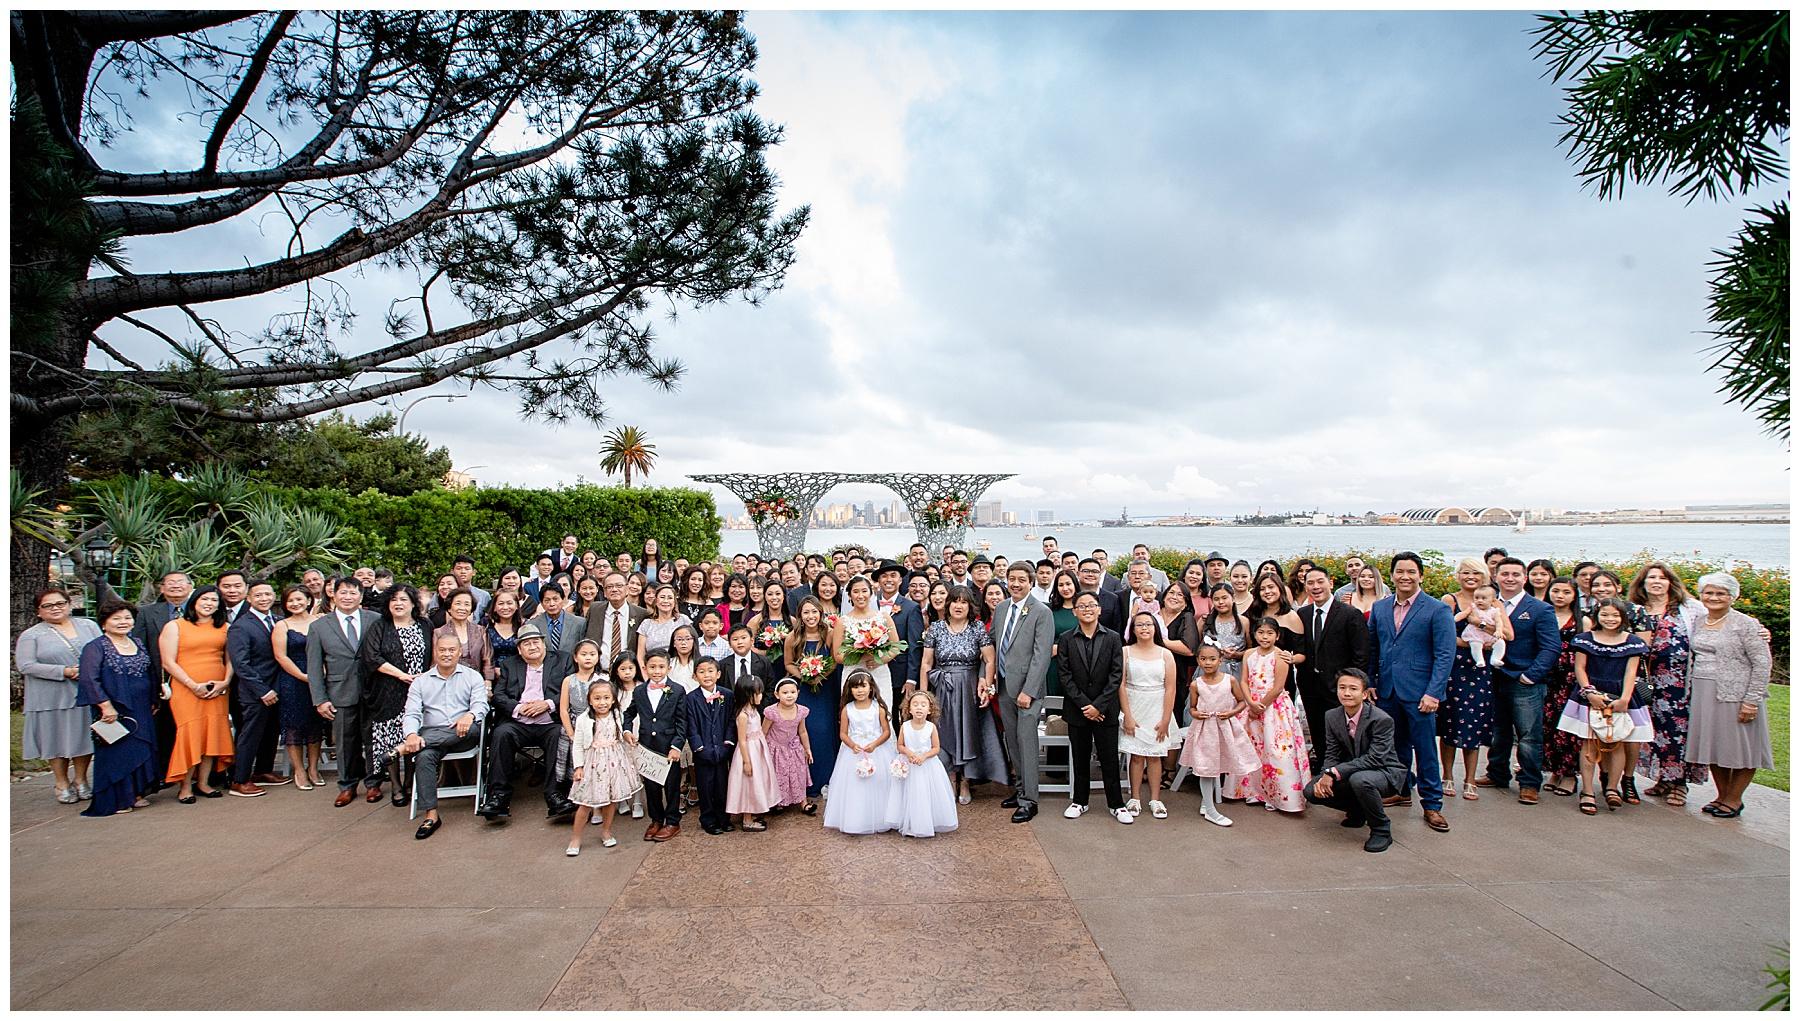 large wedding group photo tom ham's lighthouse wedding